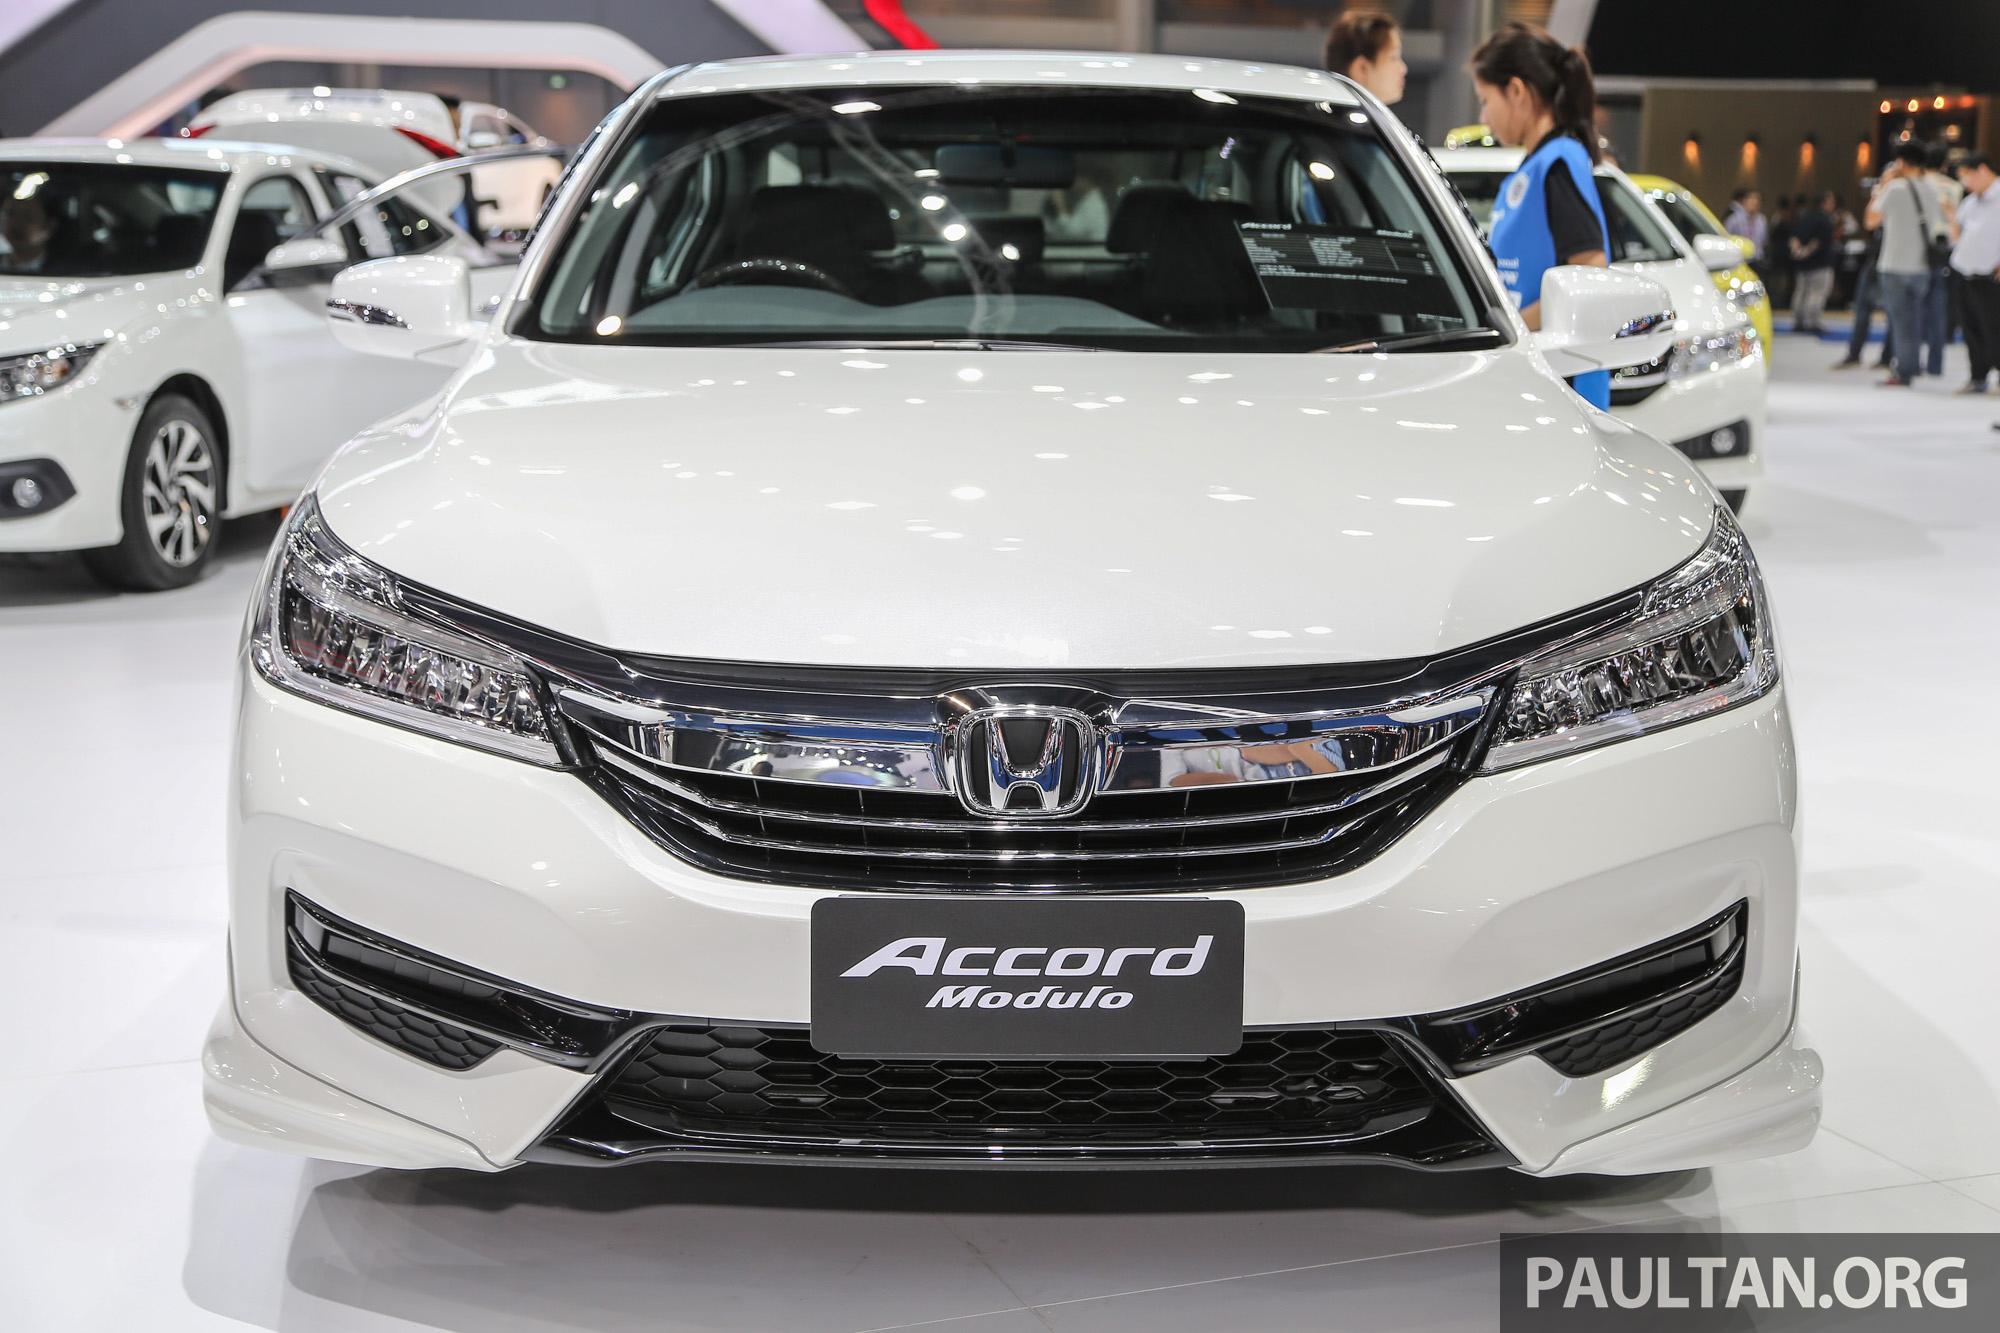 GALLERY: Honda Accord facelift at Bangkok 2016